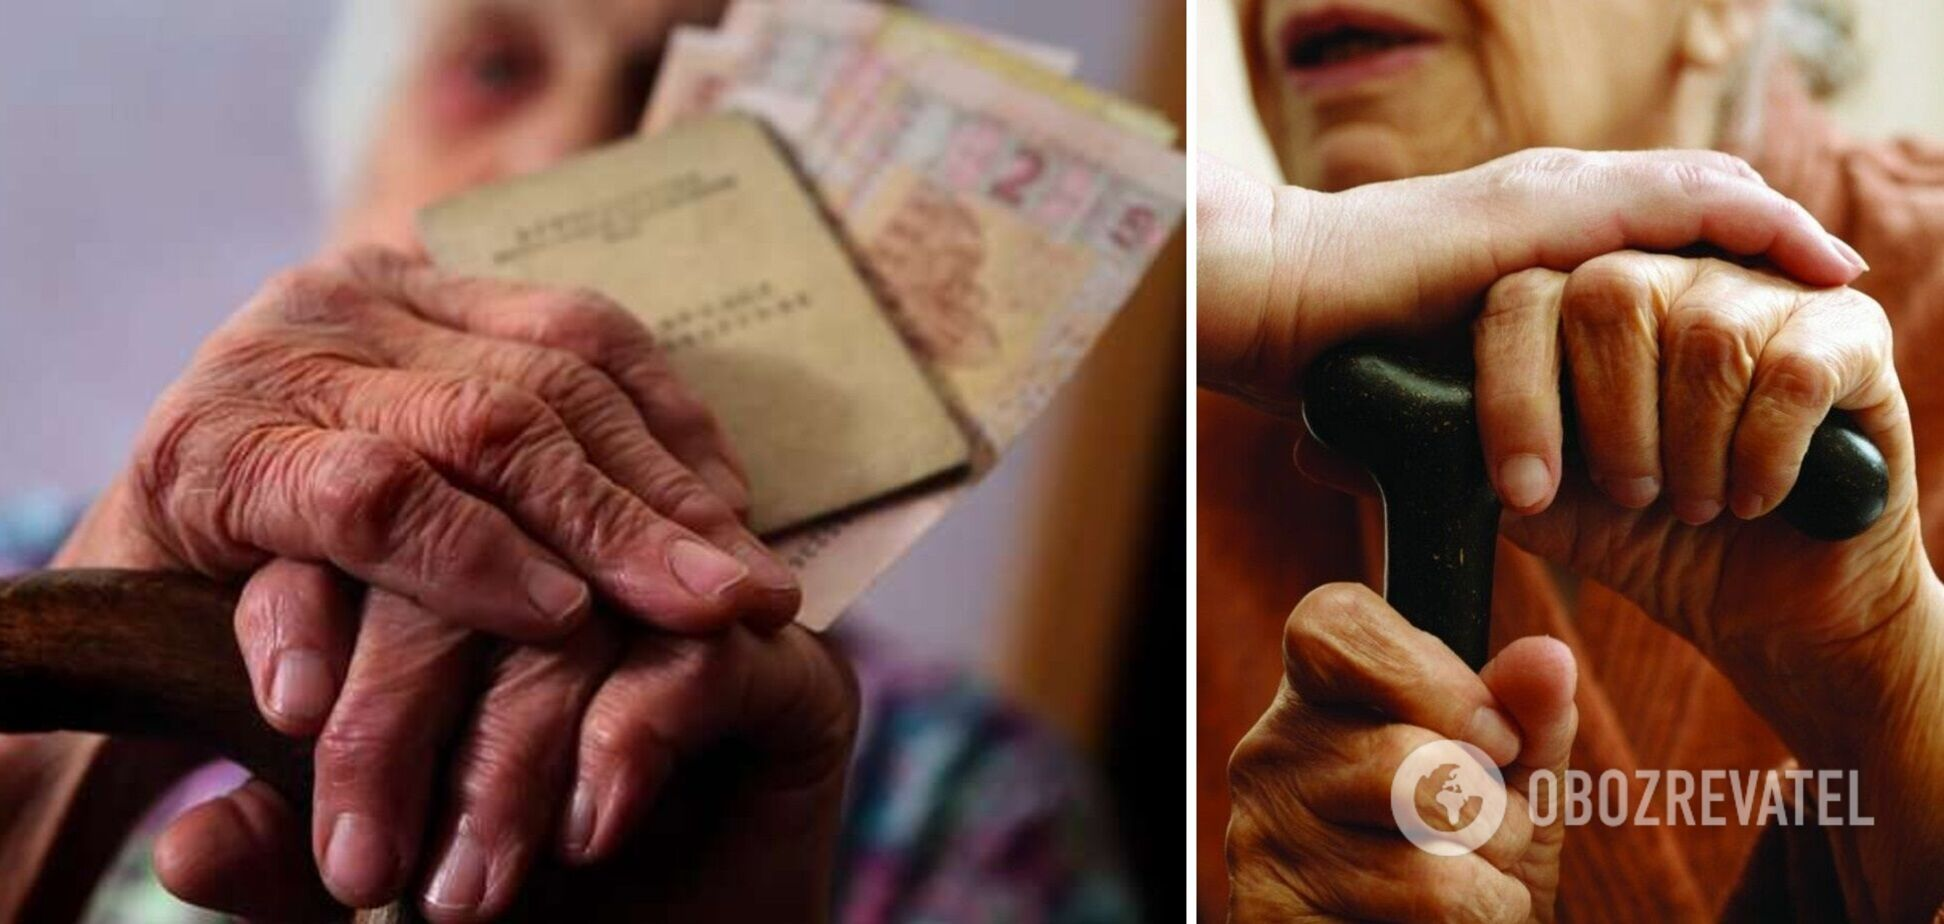 Шахрайки видурили в пенсіонерок сотні тисяч гривень